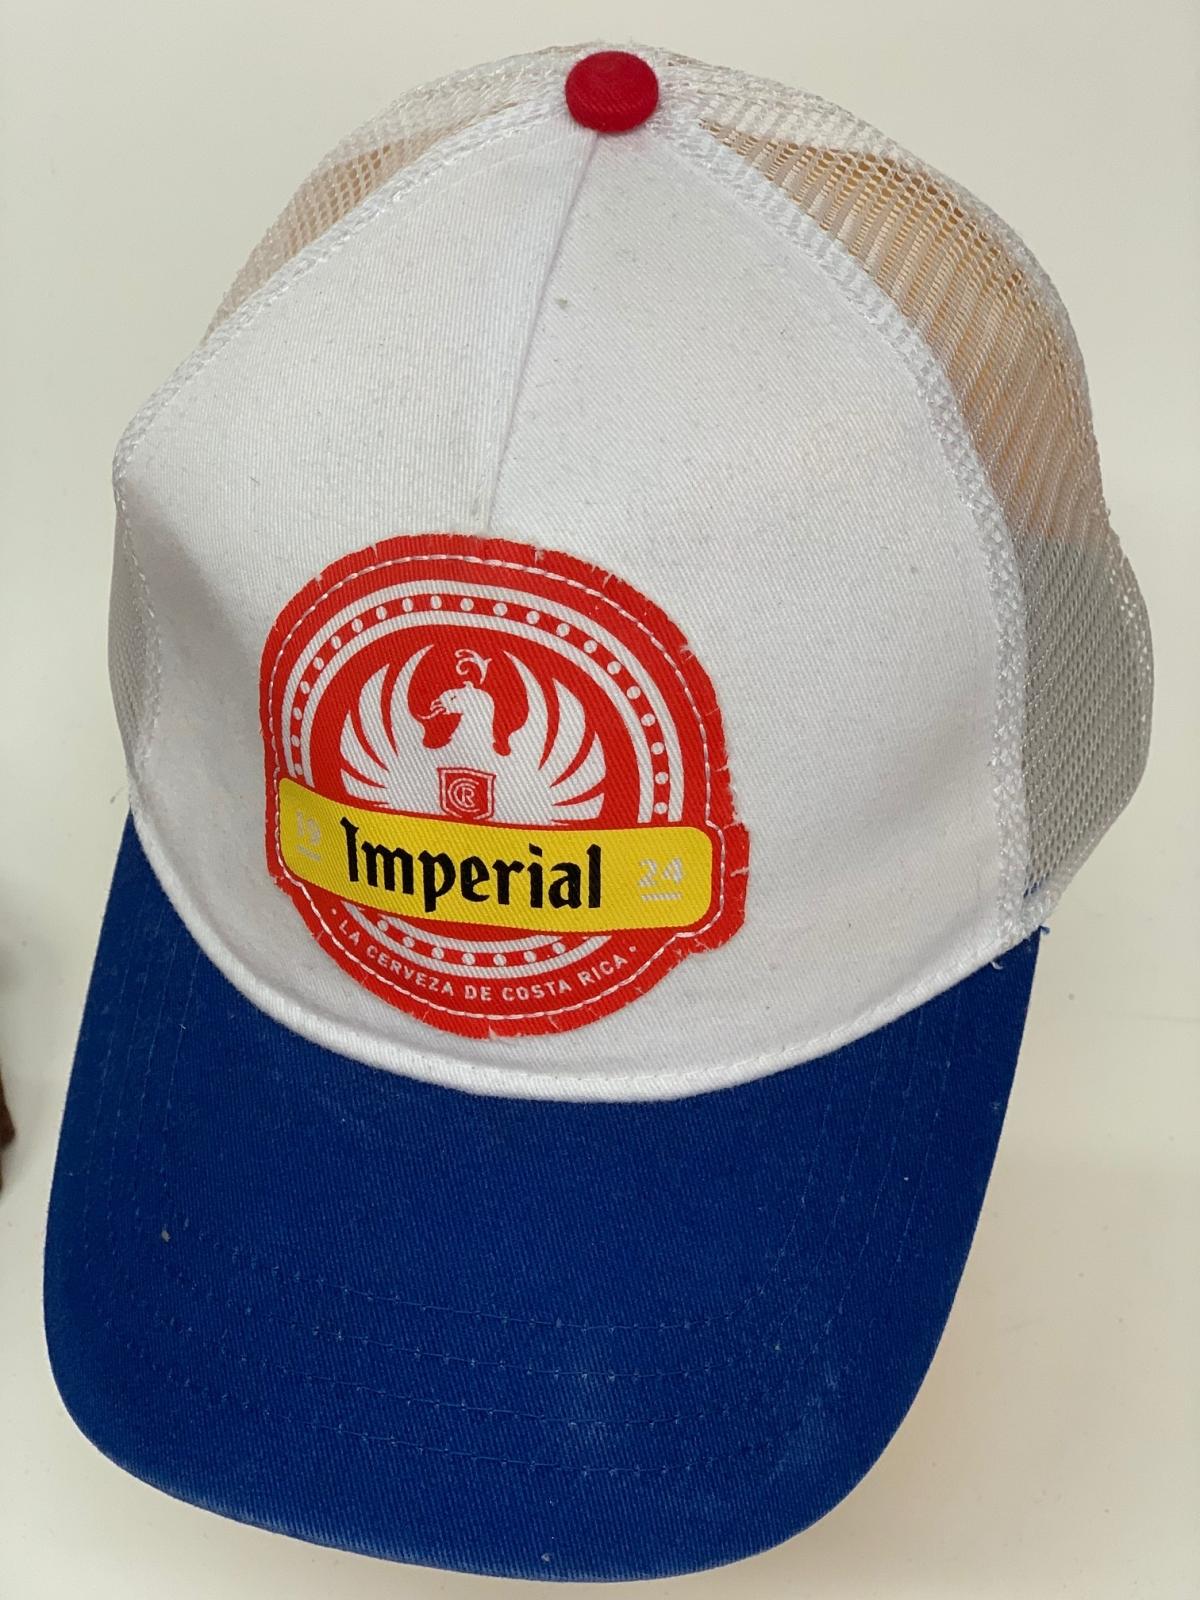 Бейсболка Imperial белого цвета и синим козырьком